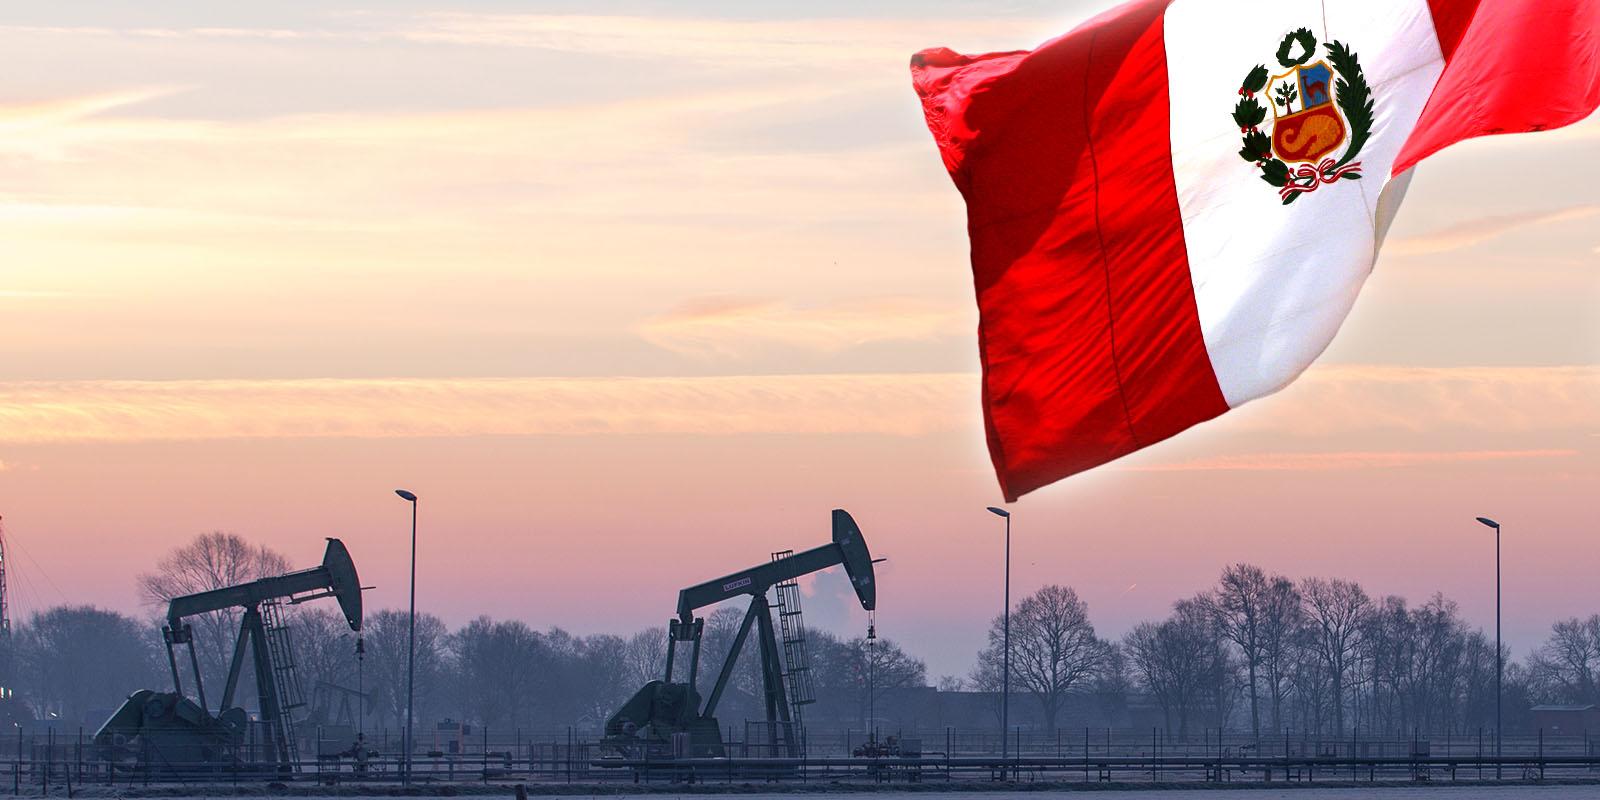 PetroTal no descarta perforar pozo exploratorio en solitario en Perú